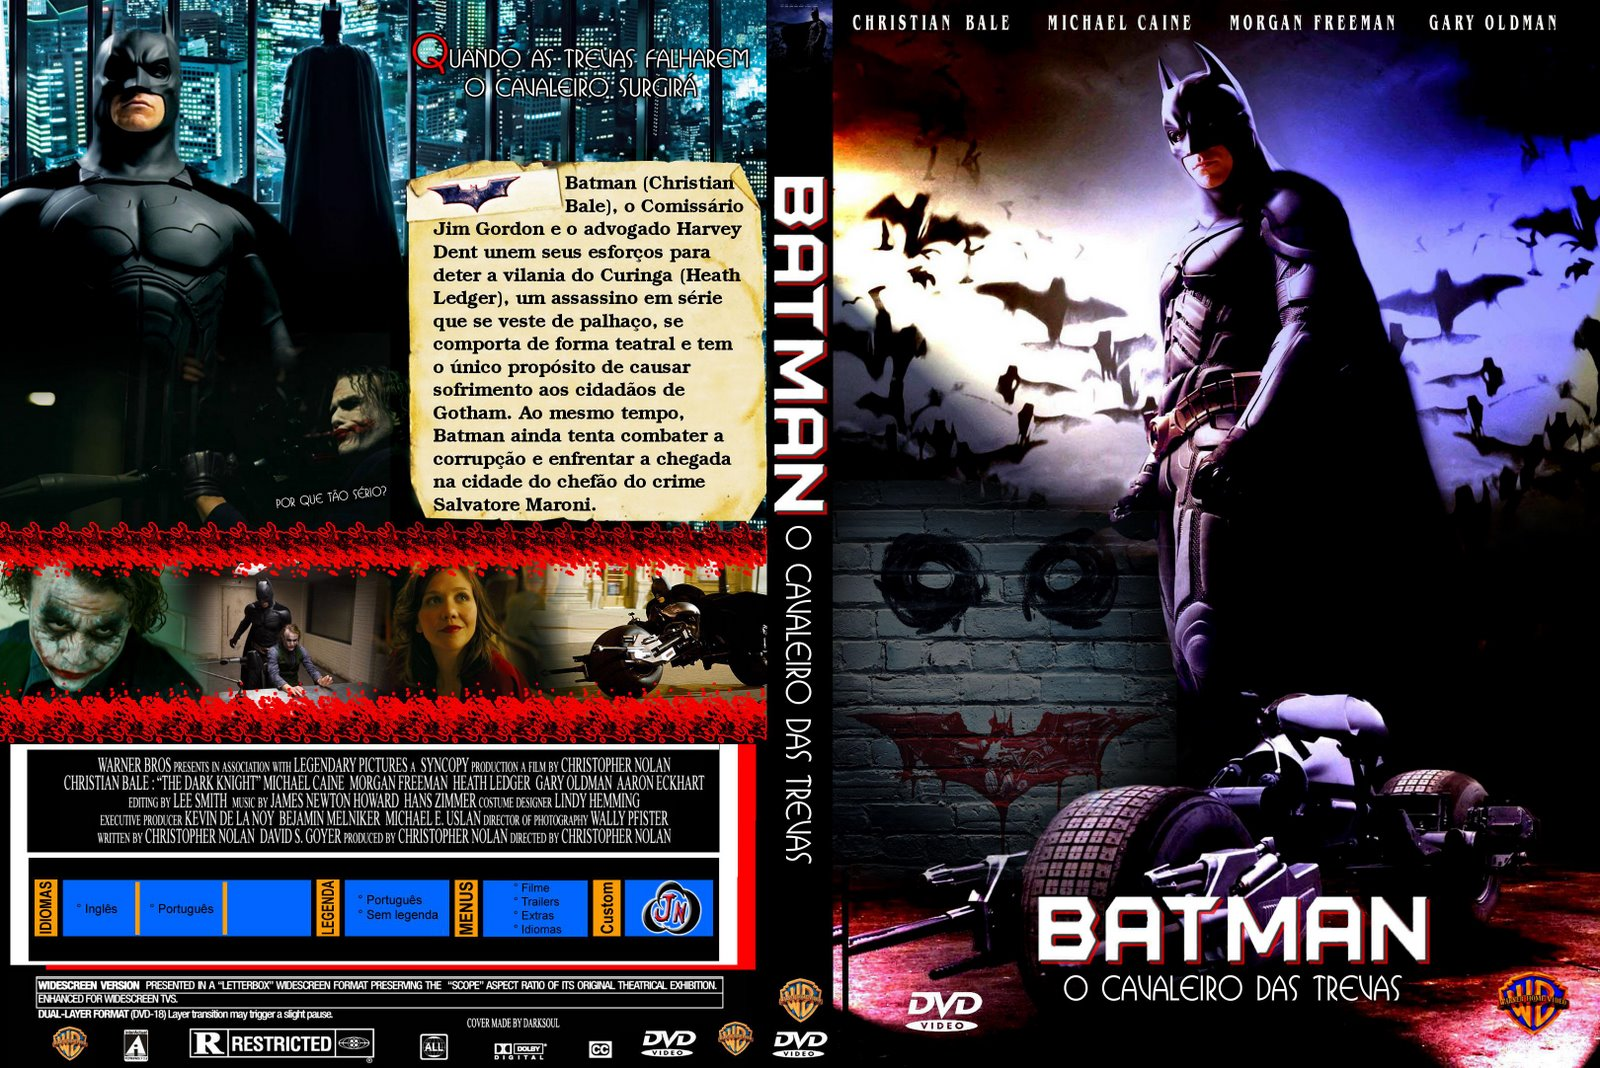 http://3.bp.blogspot.com/_Tgeb_LTYc0o/TH0GhDebA9I/AAAAAAAAAxA/ikMCSUihEw0/s1600/Batman+O+Cavaleiro+Das+Trevas+-+Euzinha_nit!.jpg